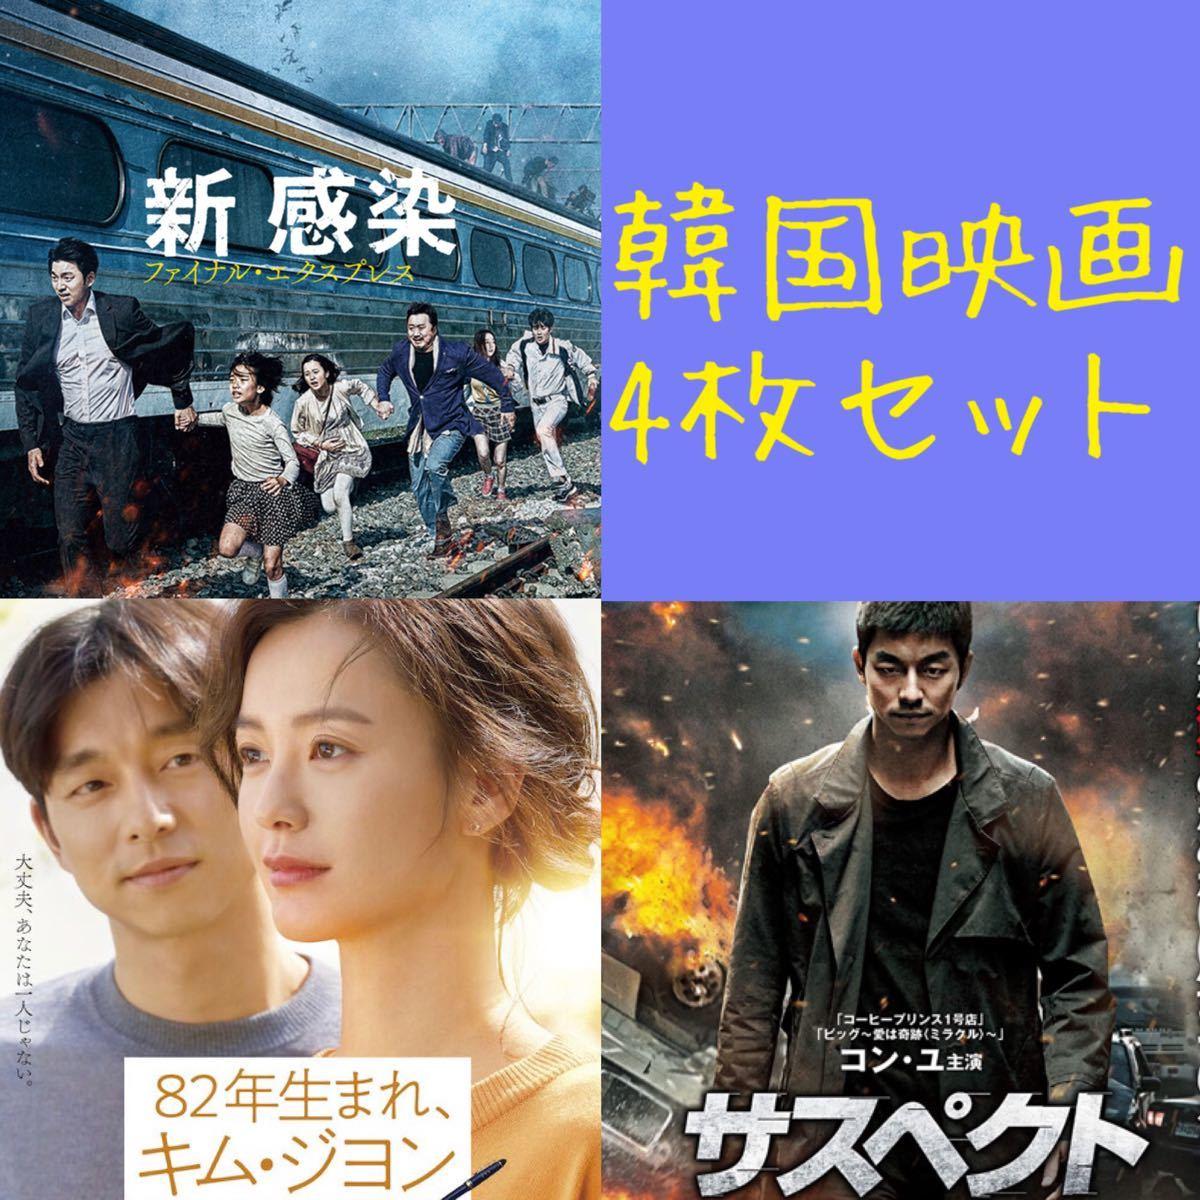 韓国映画  コン・ユ  出演映画  DVD  3点セット + 選べるおまけ1枚  合計4枚  レーベル有り  入替可能です